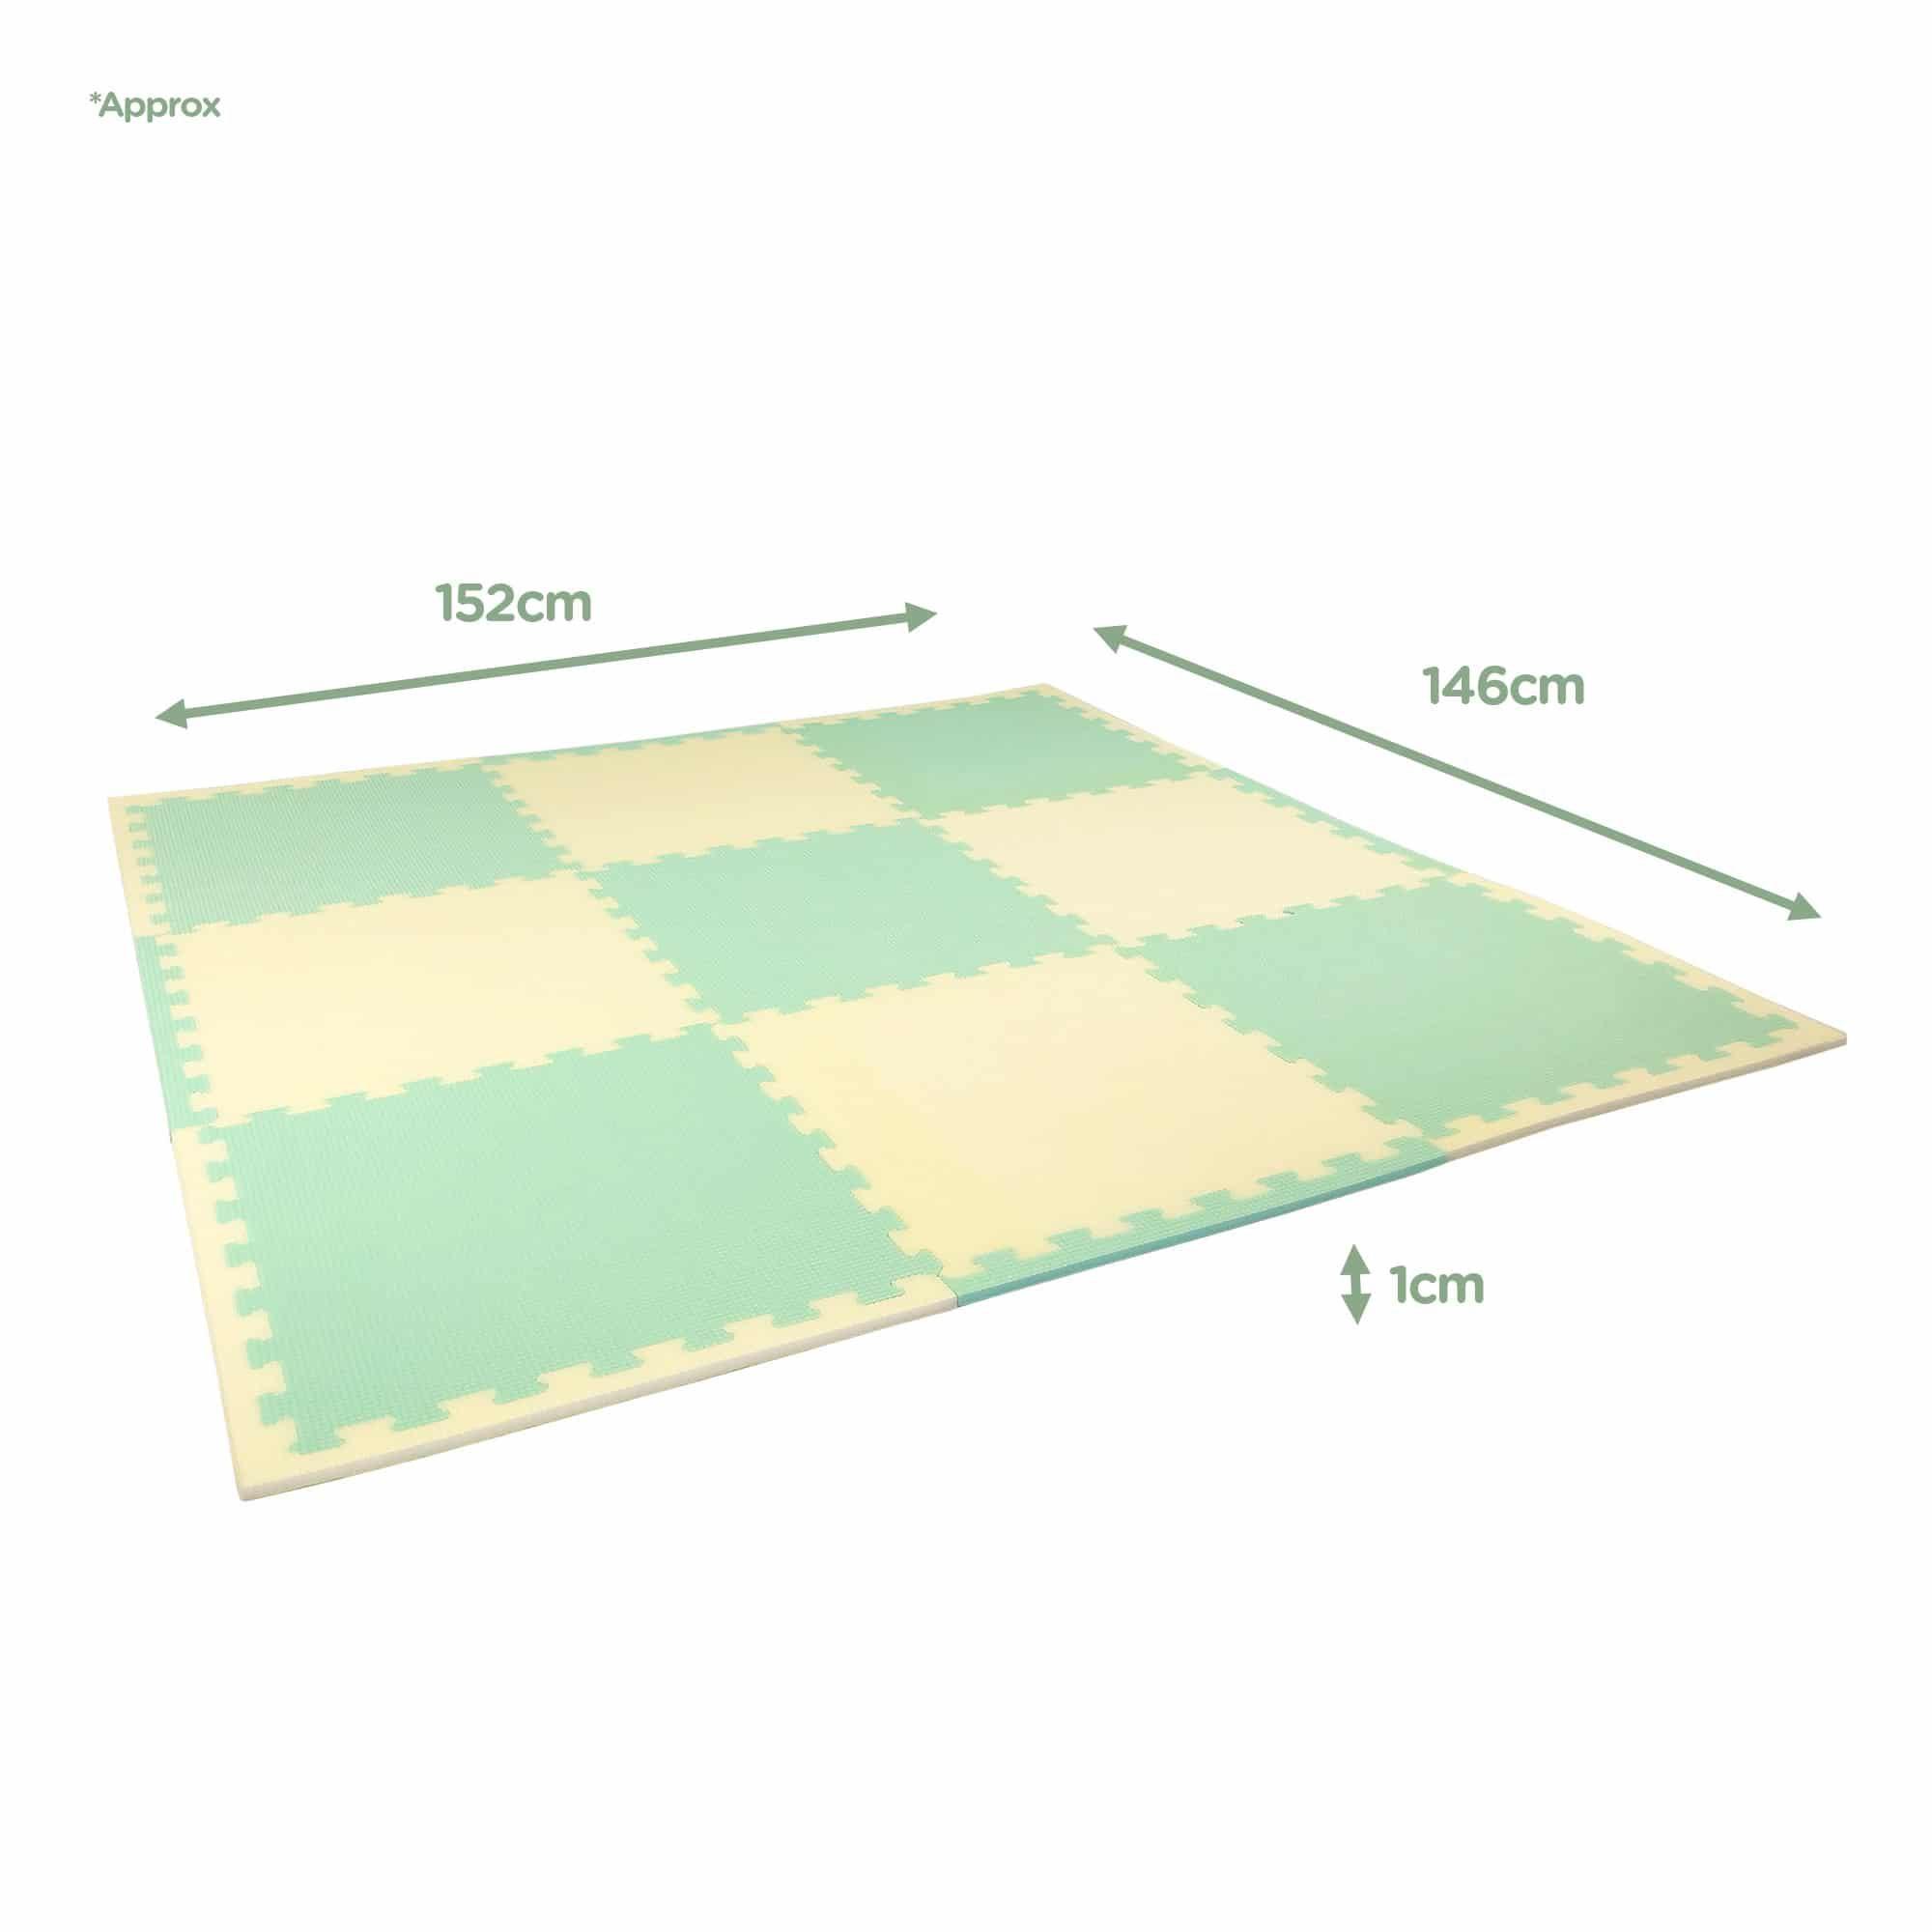 Lilypad soft foam playmats dimensions